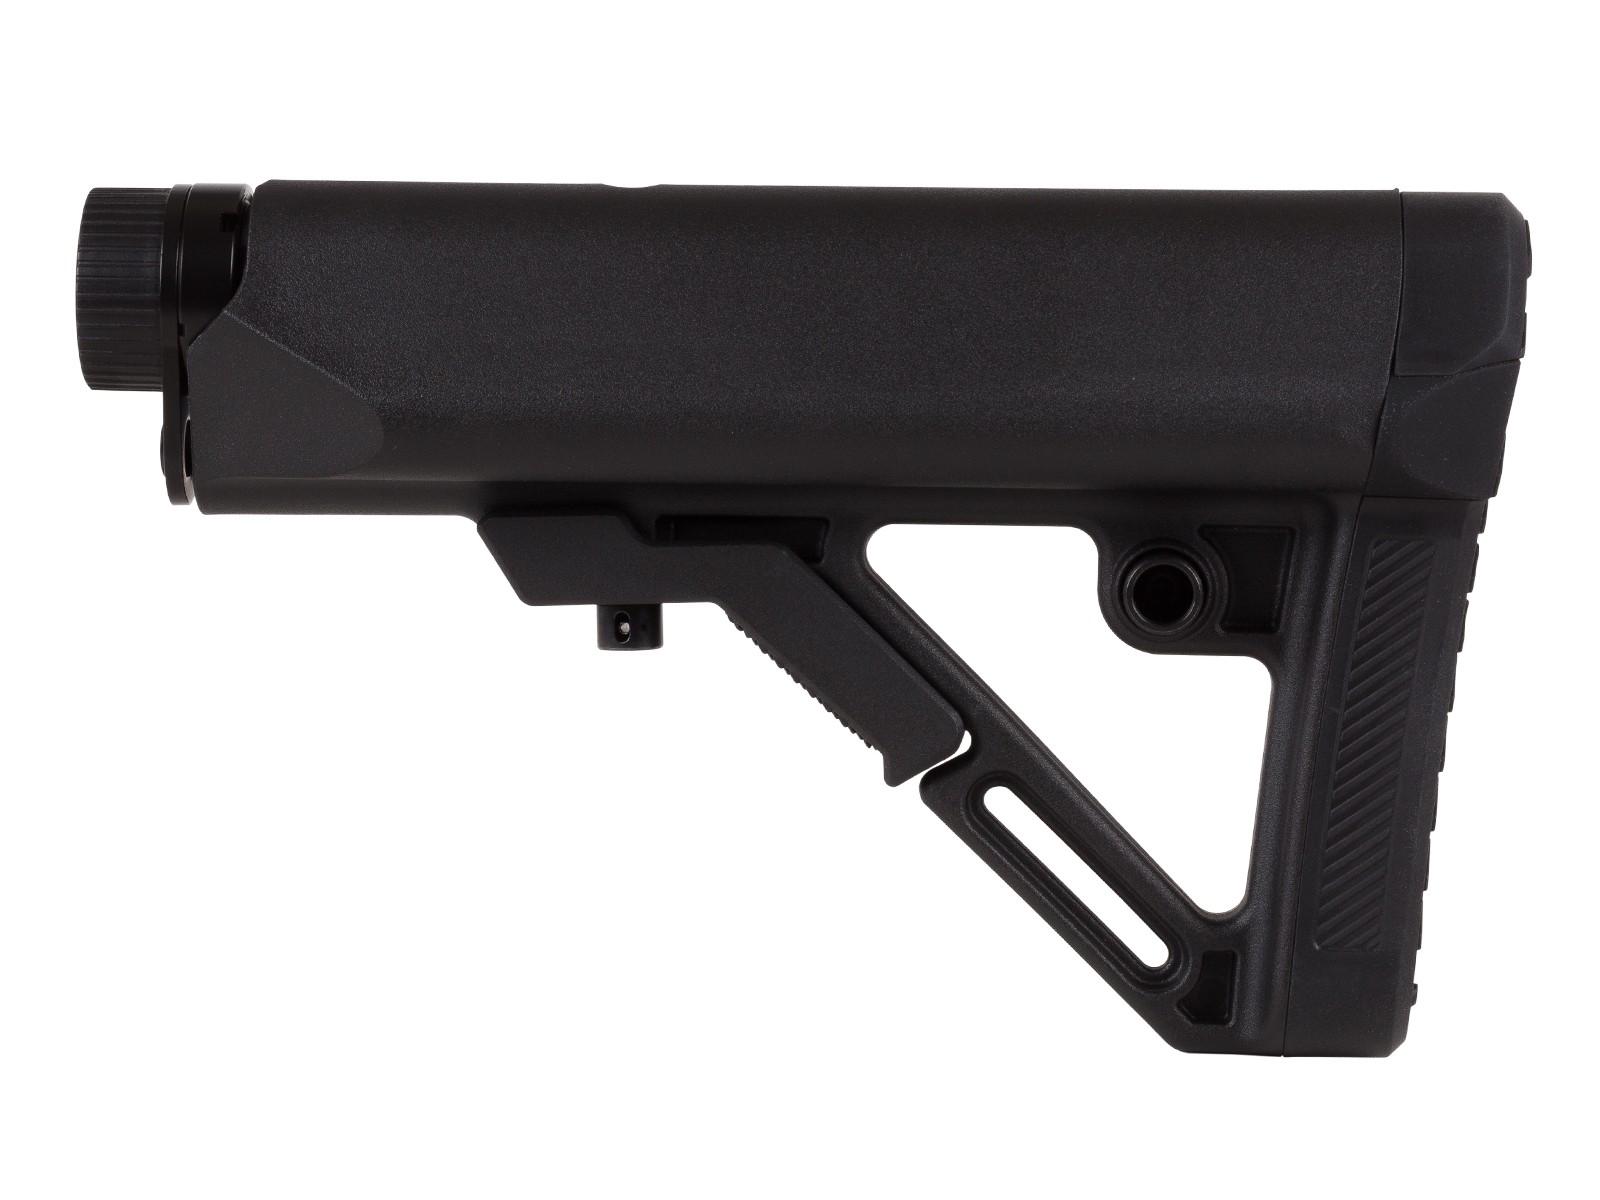 UTG PRO AR15 Ops Ready S1 Mil-Spec Stock Kit